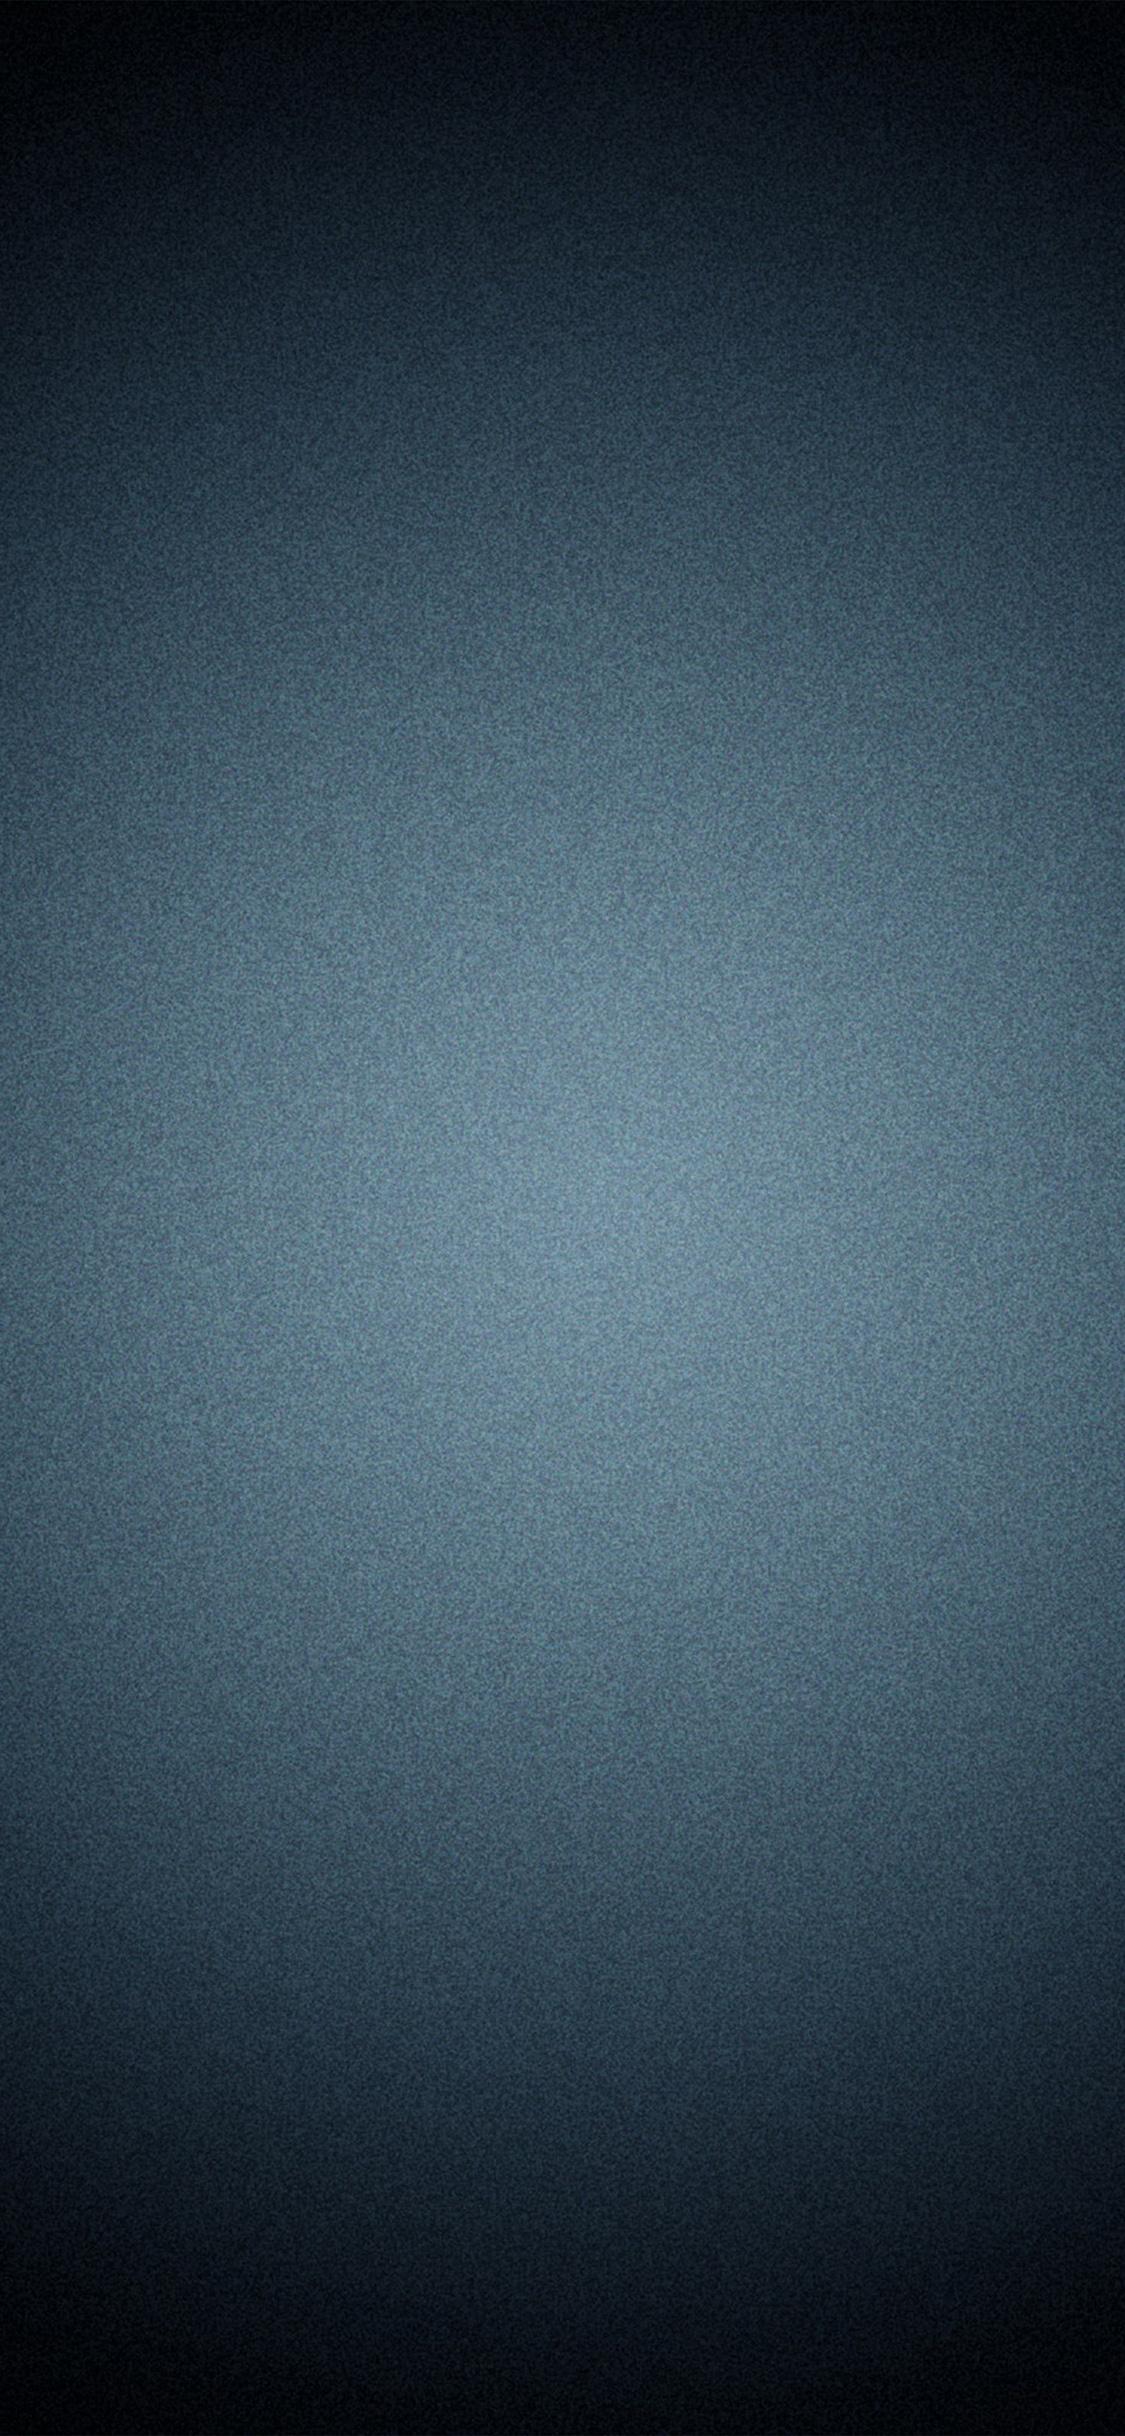 Vu85 Circle Vignette Dark Blue Pattern Wallpaper